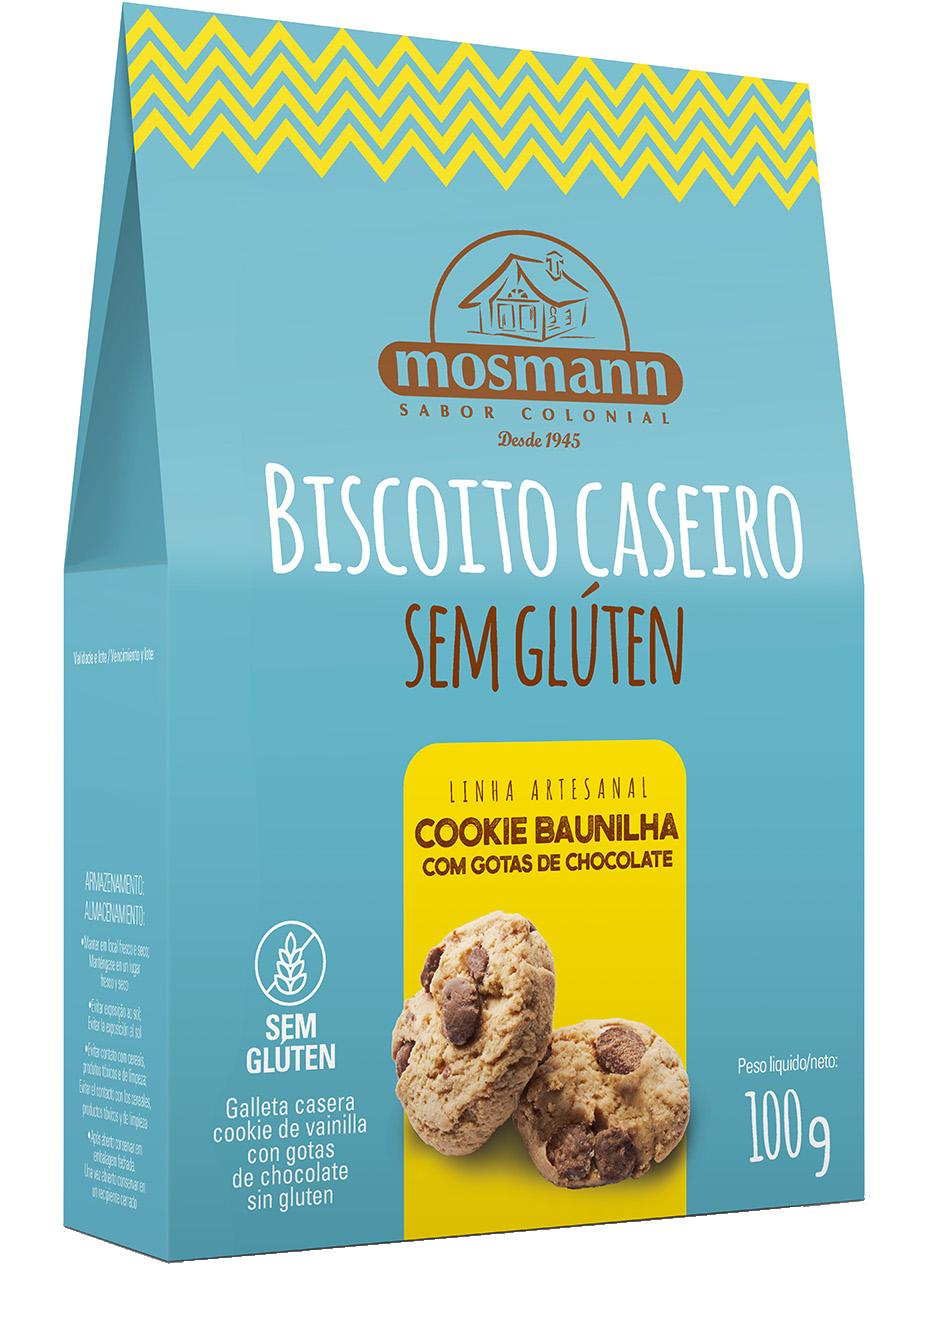 BISCOITO CASEIRO SEM GLÚTEN COOKIE BAUNILHA COM GOTAS DE CHOCOLATE 100g